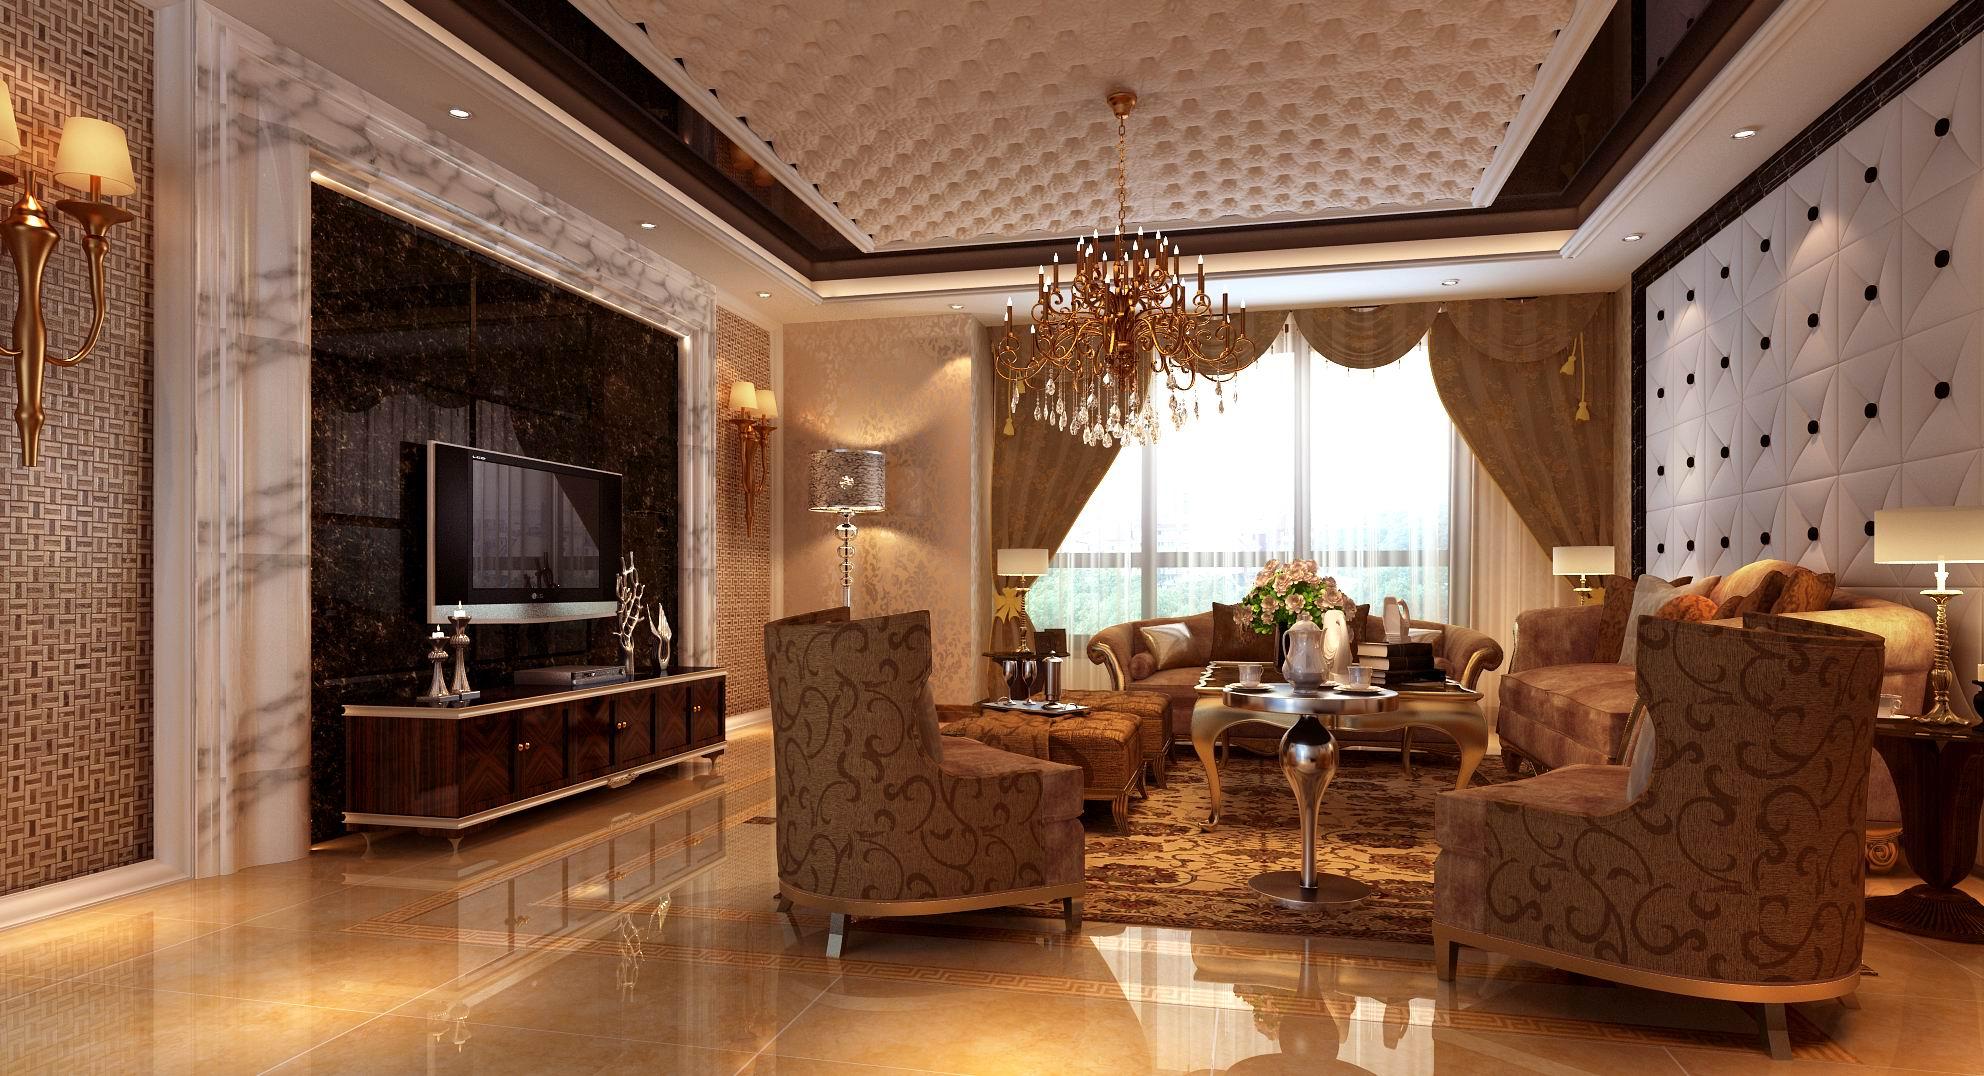 简约 欧式 三居 别墅 白领 收纳 80后 小资 客厅图片来自西安龙发装饰在欧式风格铸就不一样的幸福之家的分享